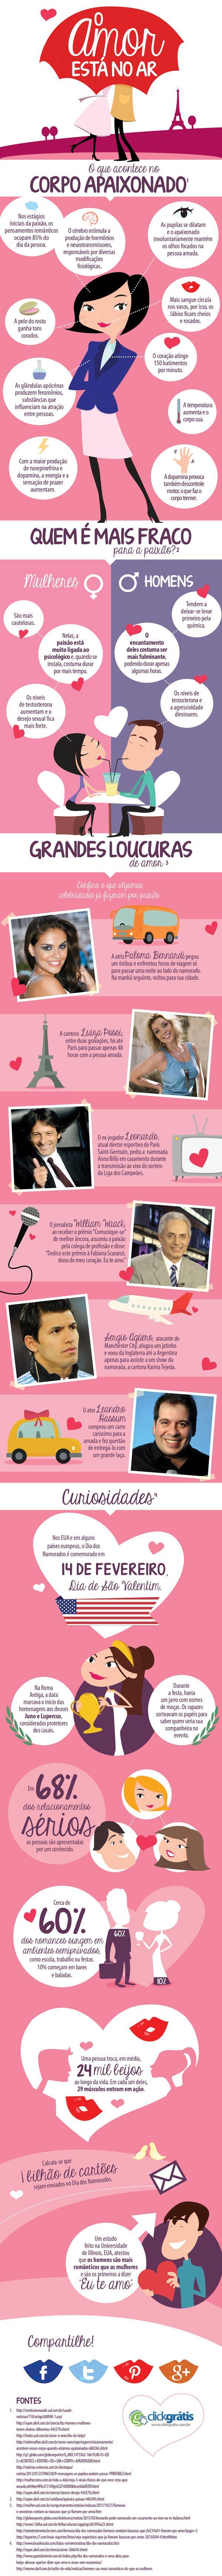 Infográfico - Dia dos Namorados